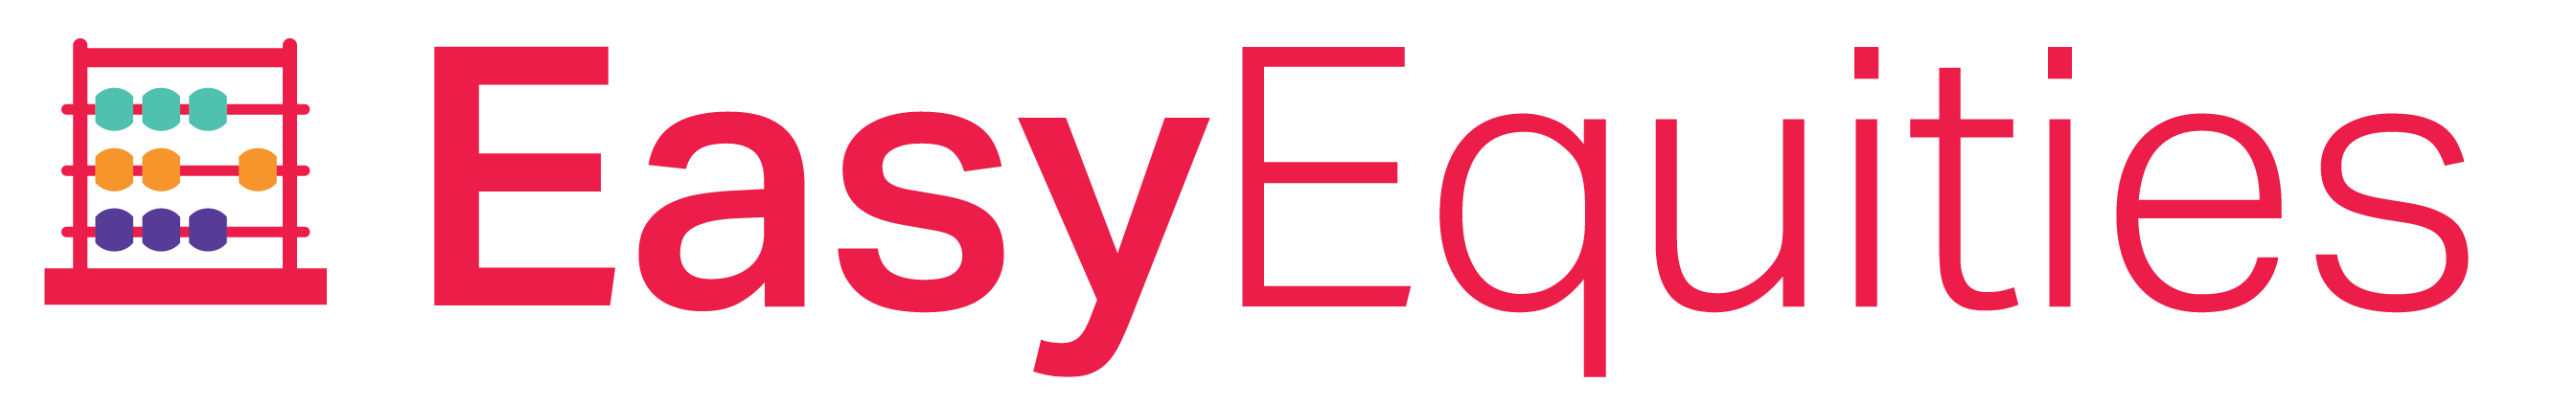 EasyEquities logo